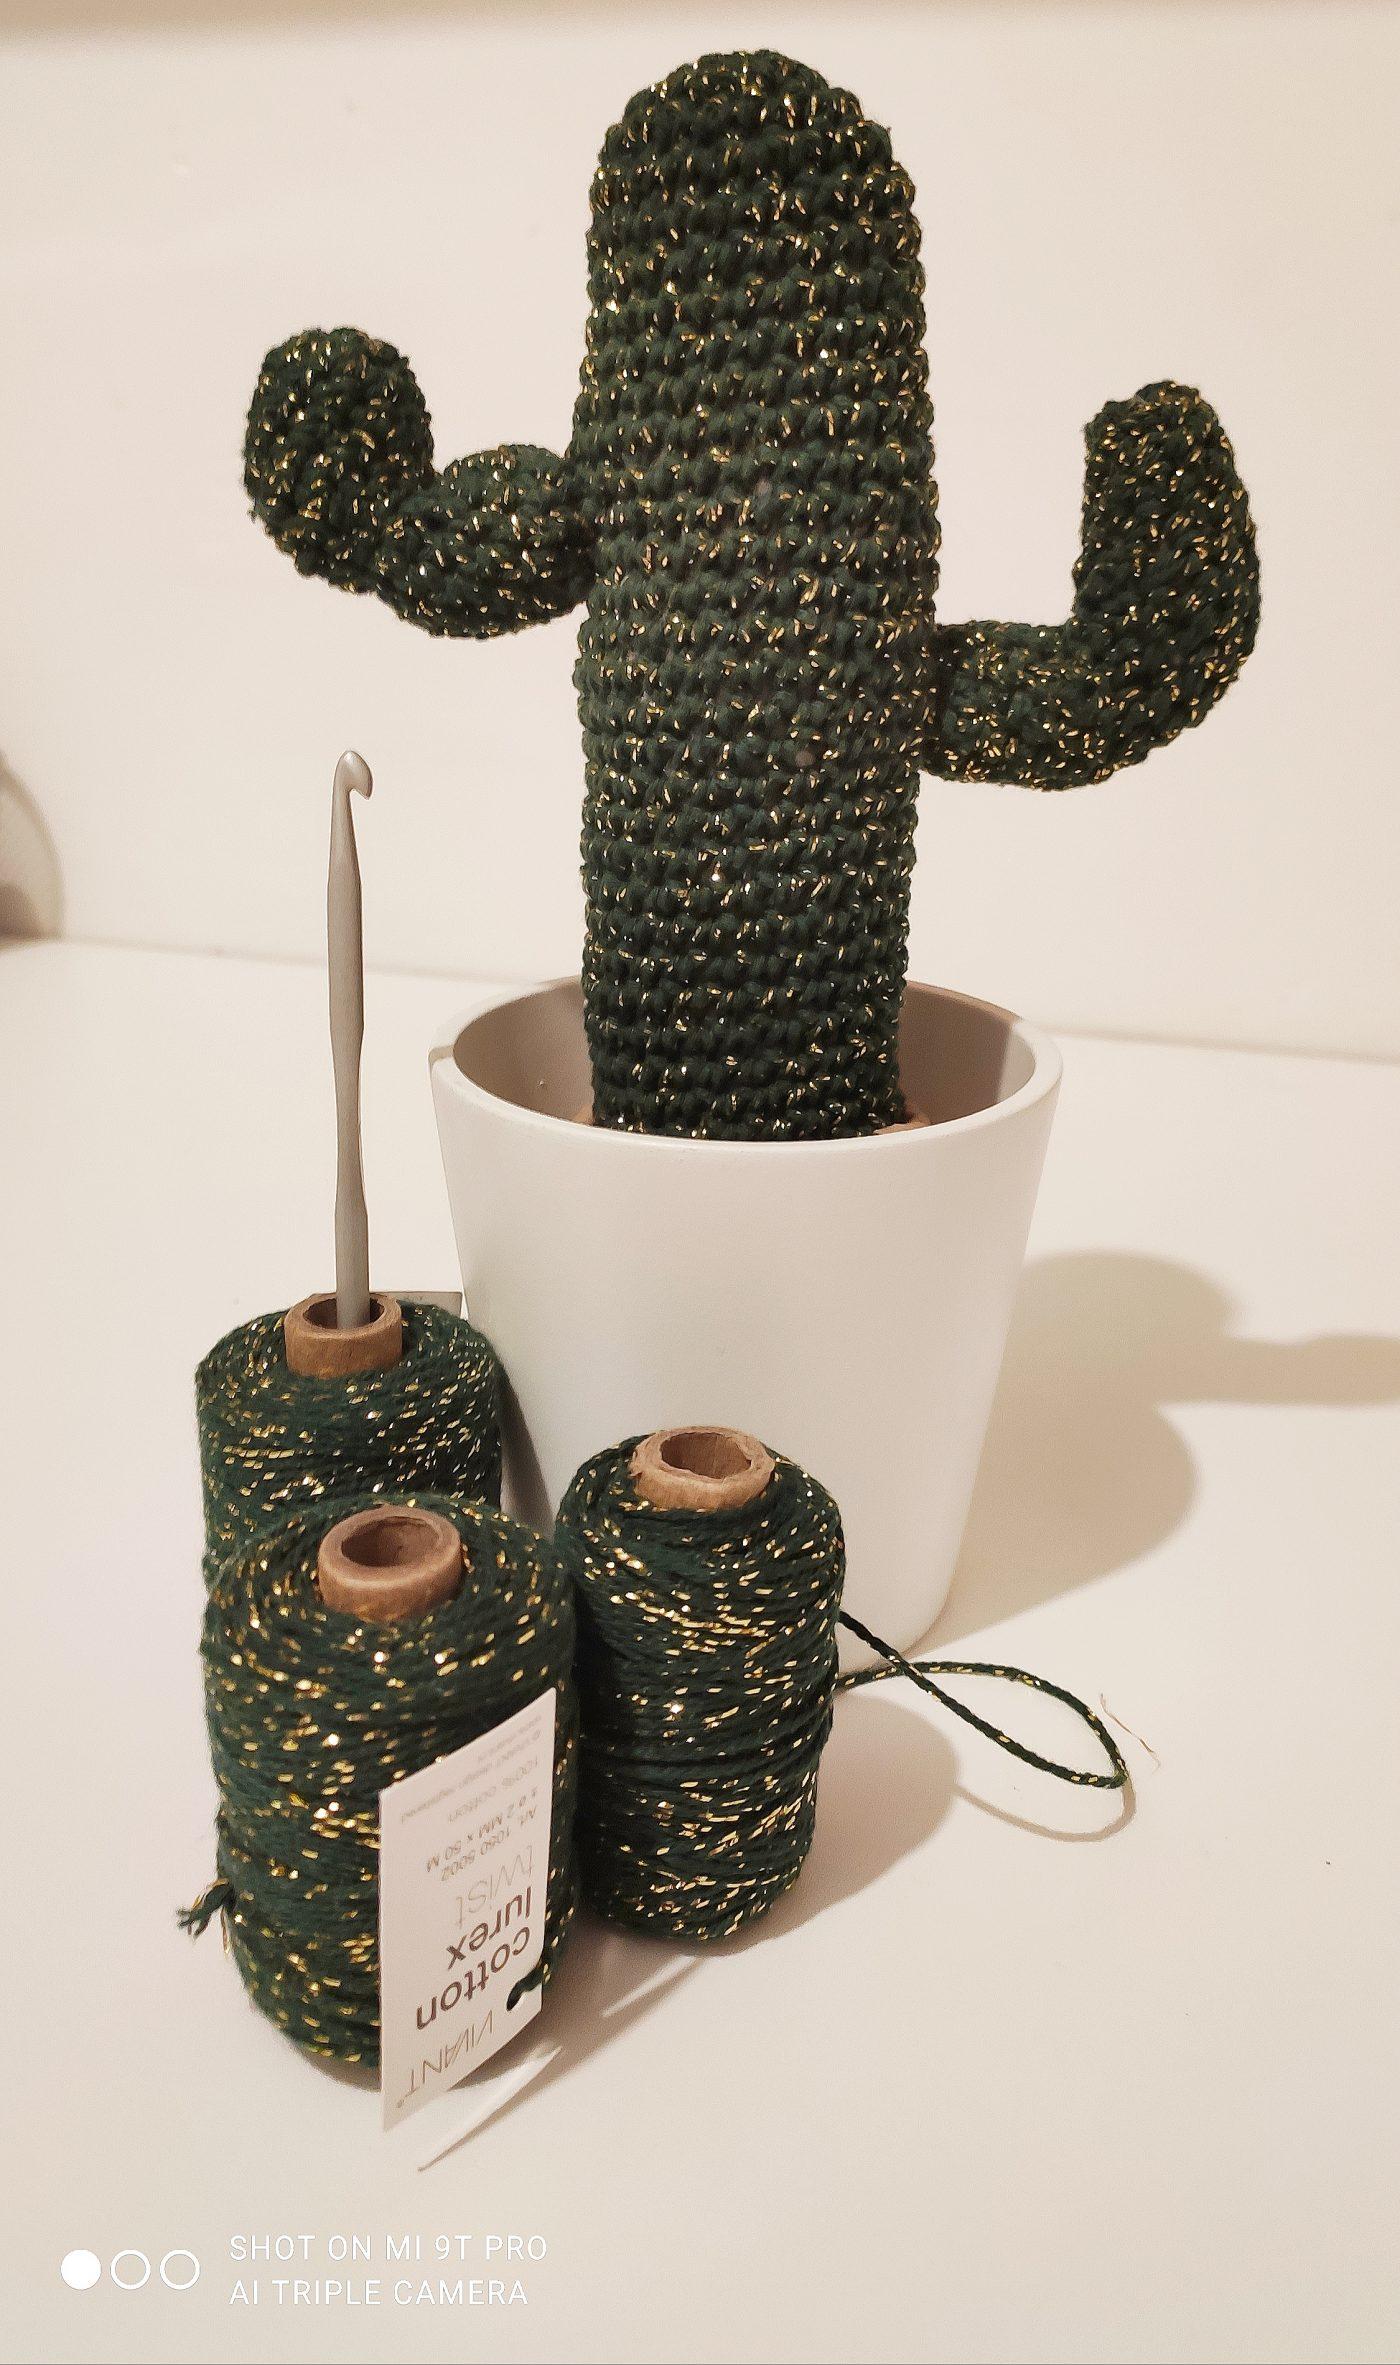 Mon petit cactus